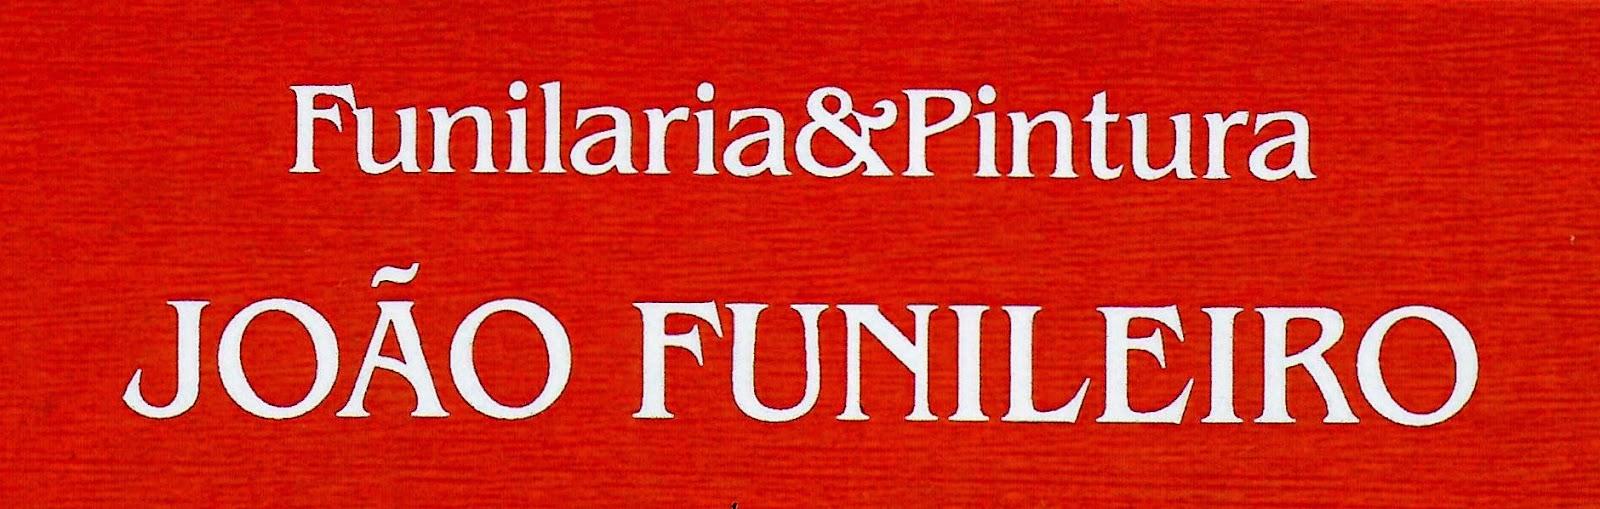 Funilaria & Pintura JOÃO FUNILEIRO Rua. Capitão Luiz Vieira, 711 Centro - Sarapuí - SP tel: (15) 99747-6441